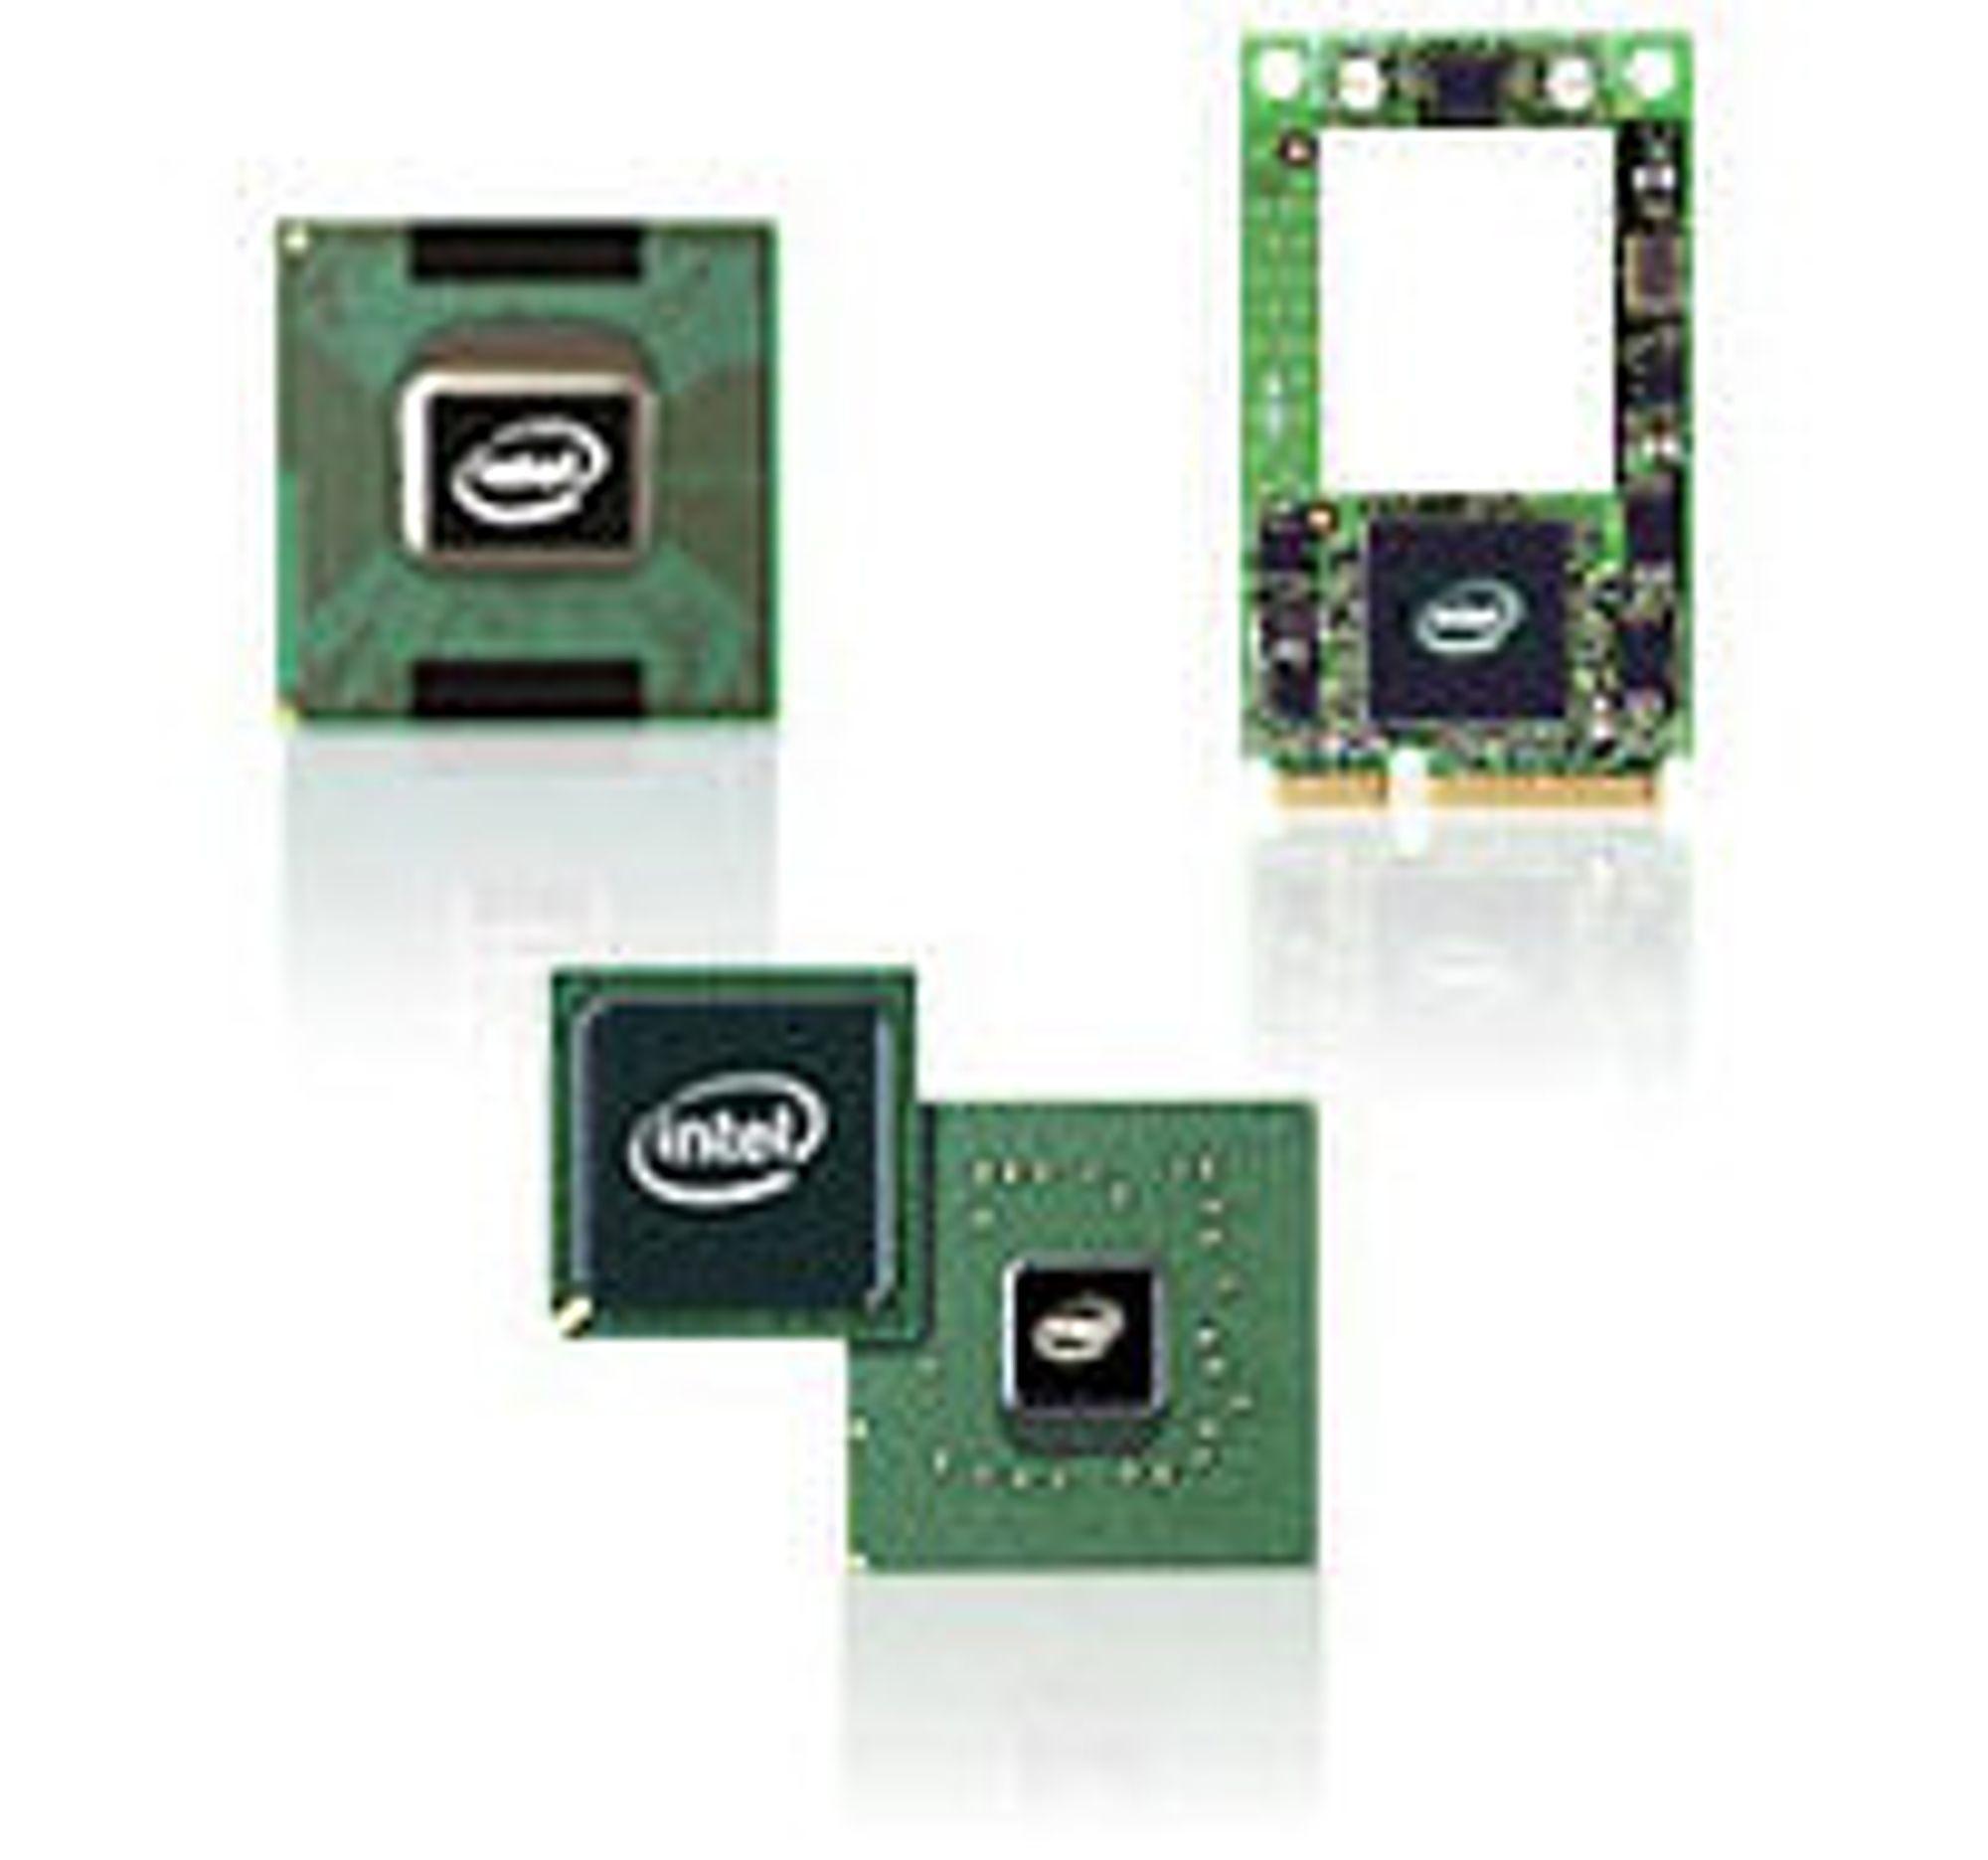 Komponentene i dagens Centrino (CPU, WLAN og brikkesett)